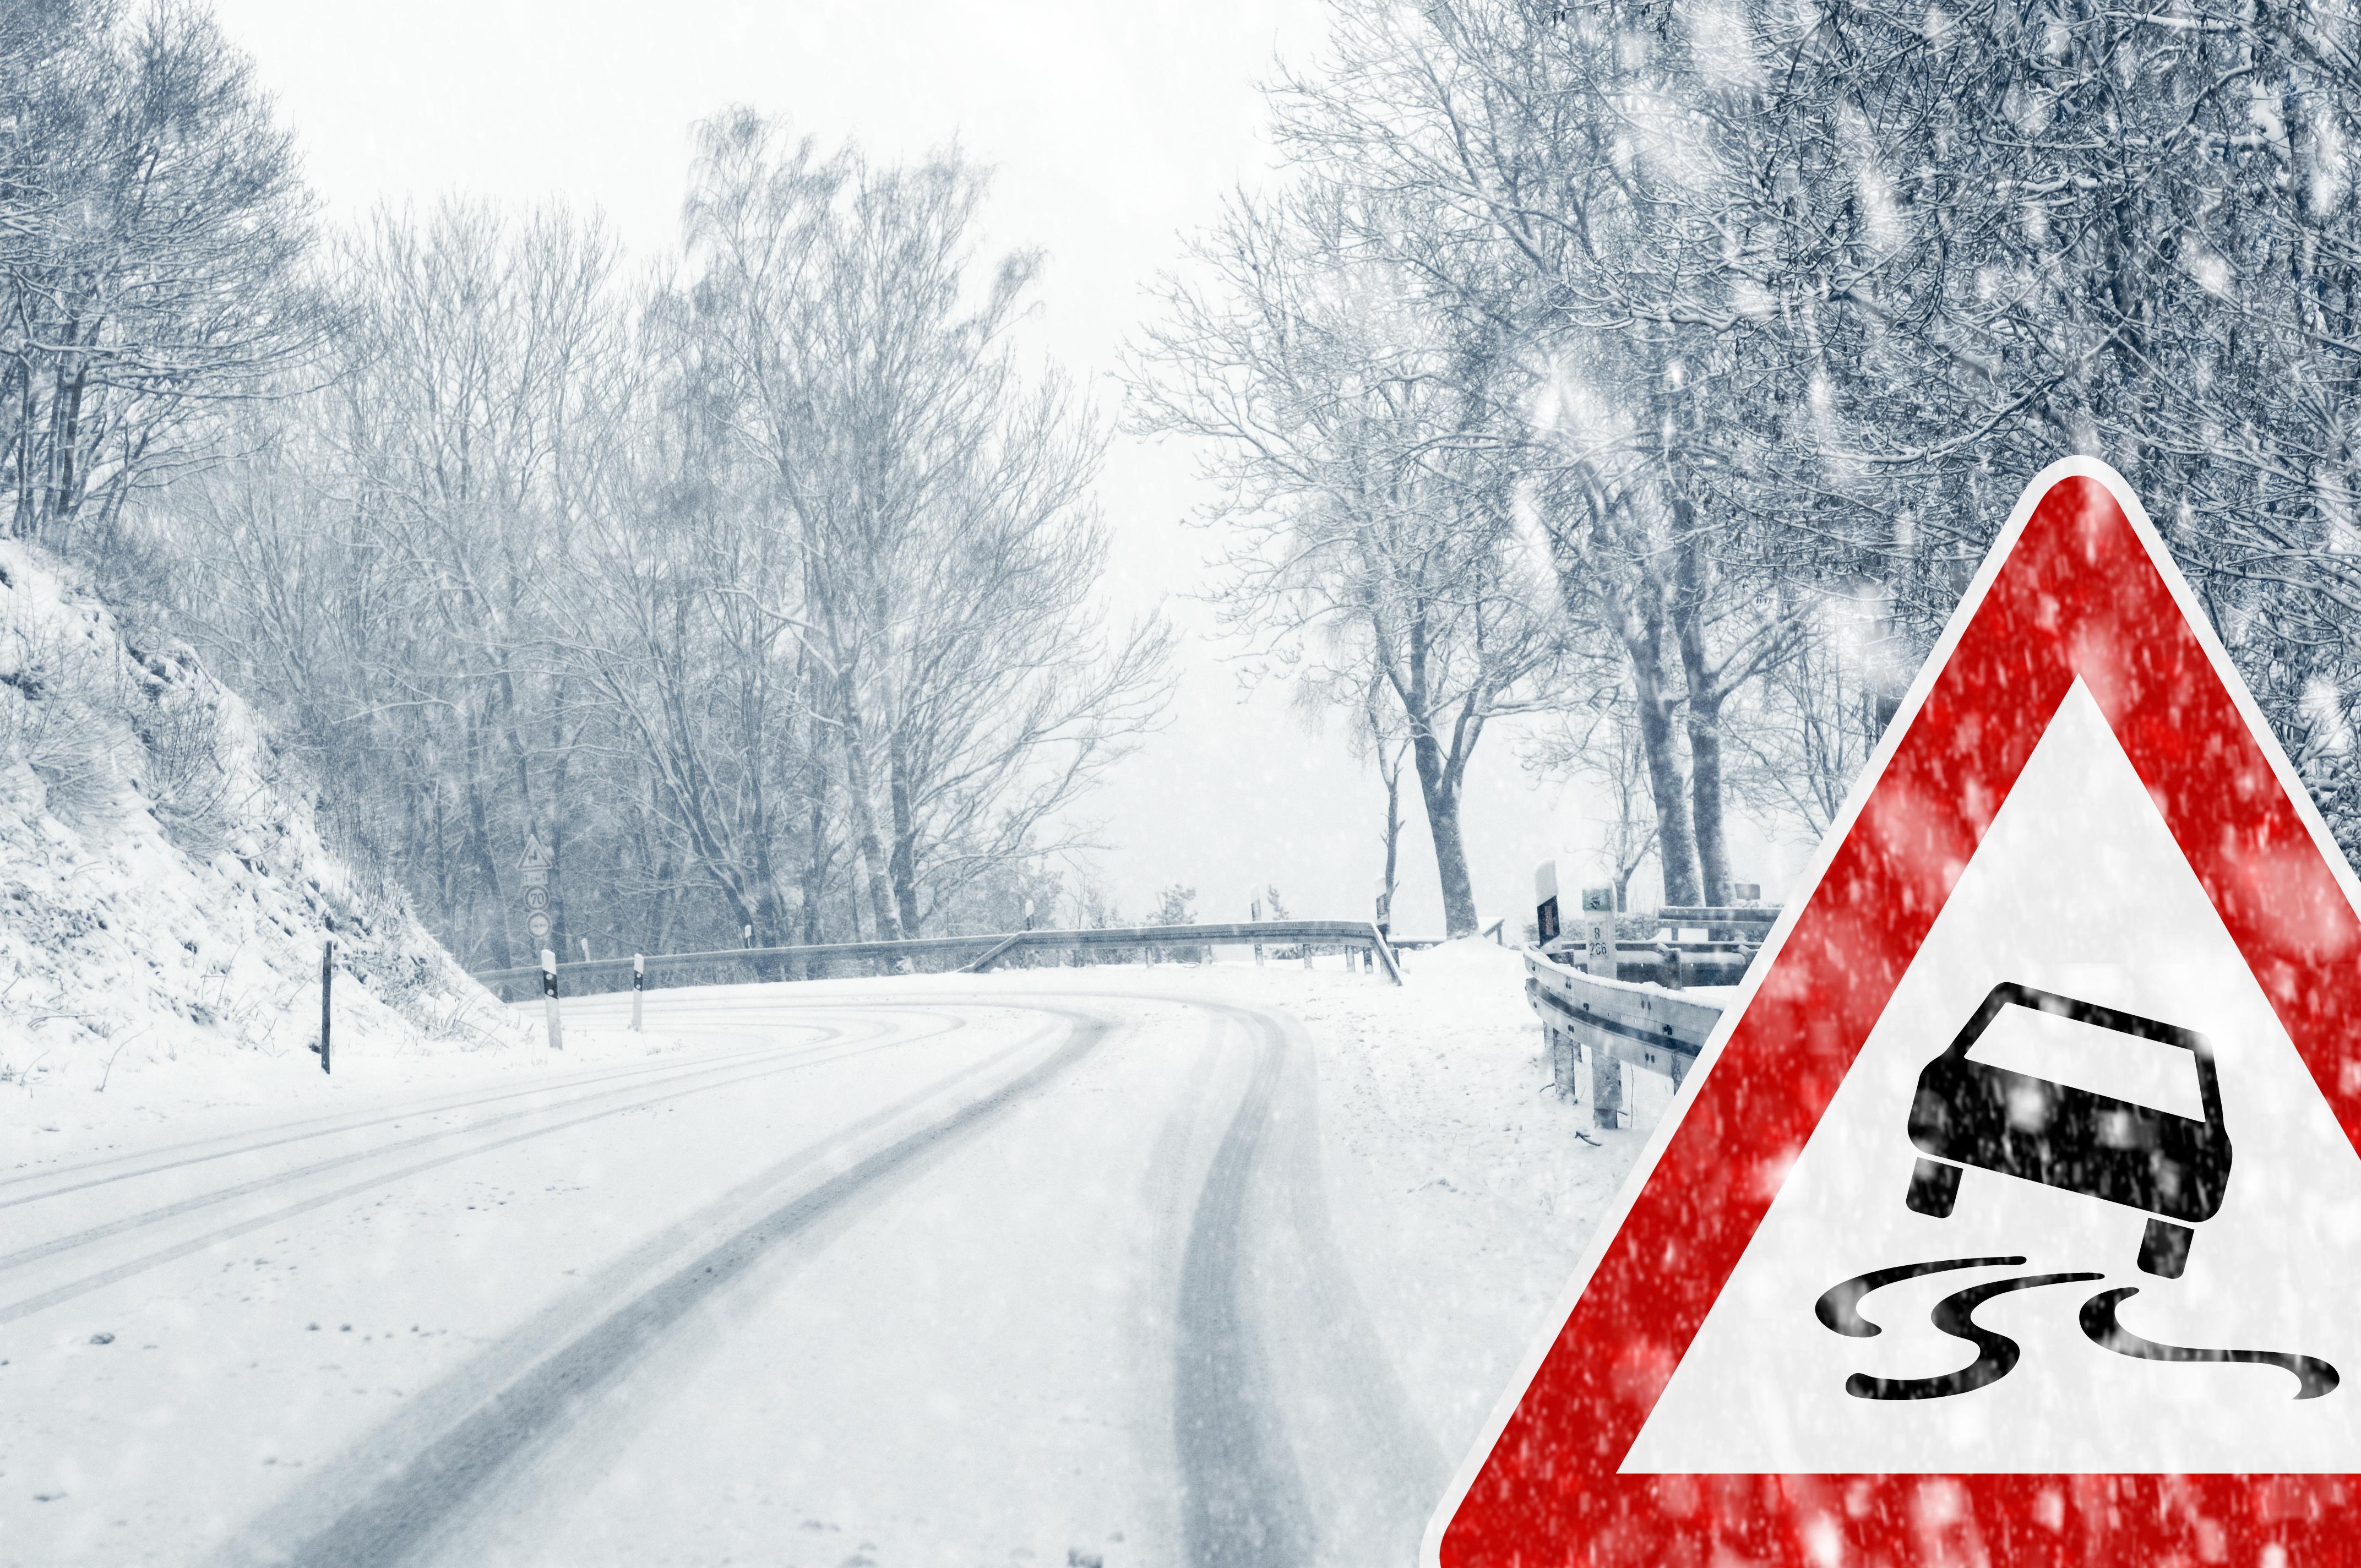 Traficul rutier, îngreunat de ninsoare. Cum se circulă pe drumurile mari din România. Meteorologii au emis cod galben de vreme rea